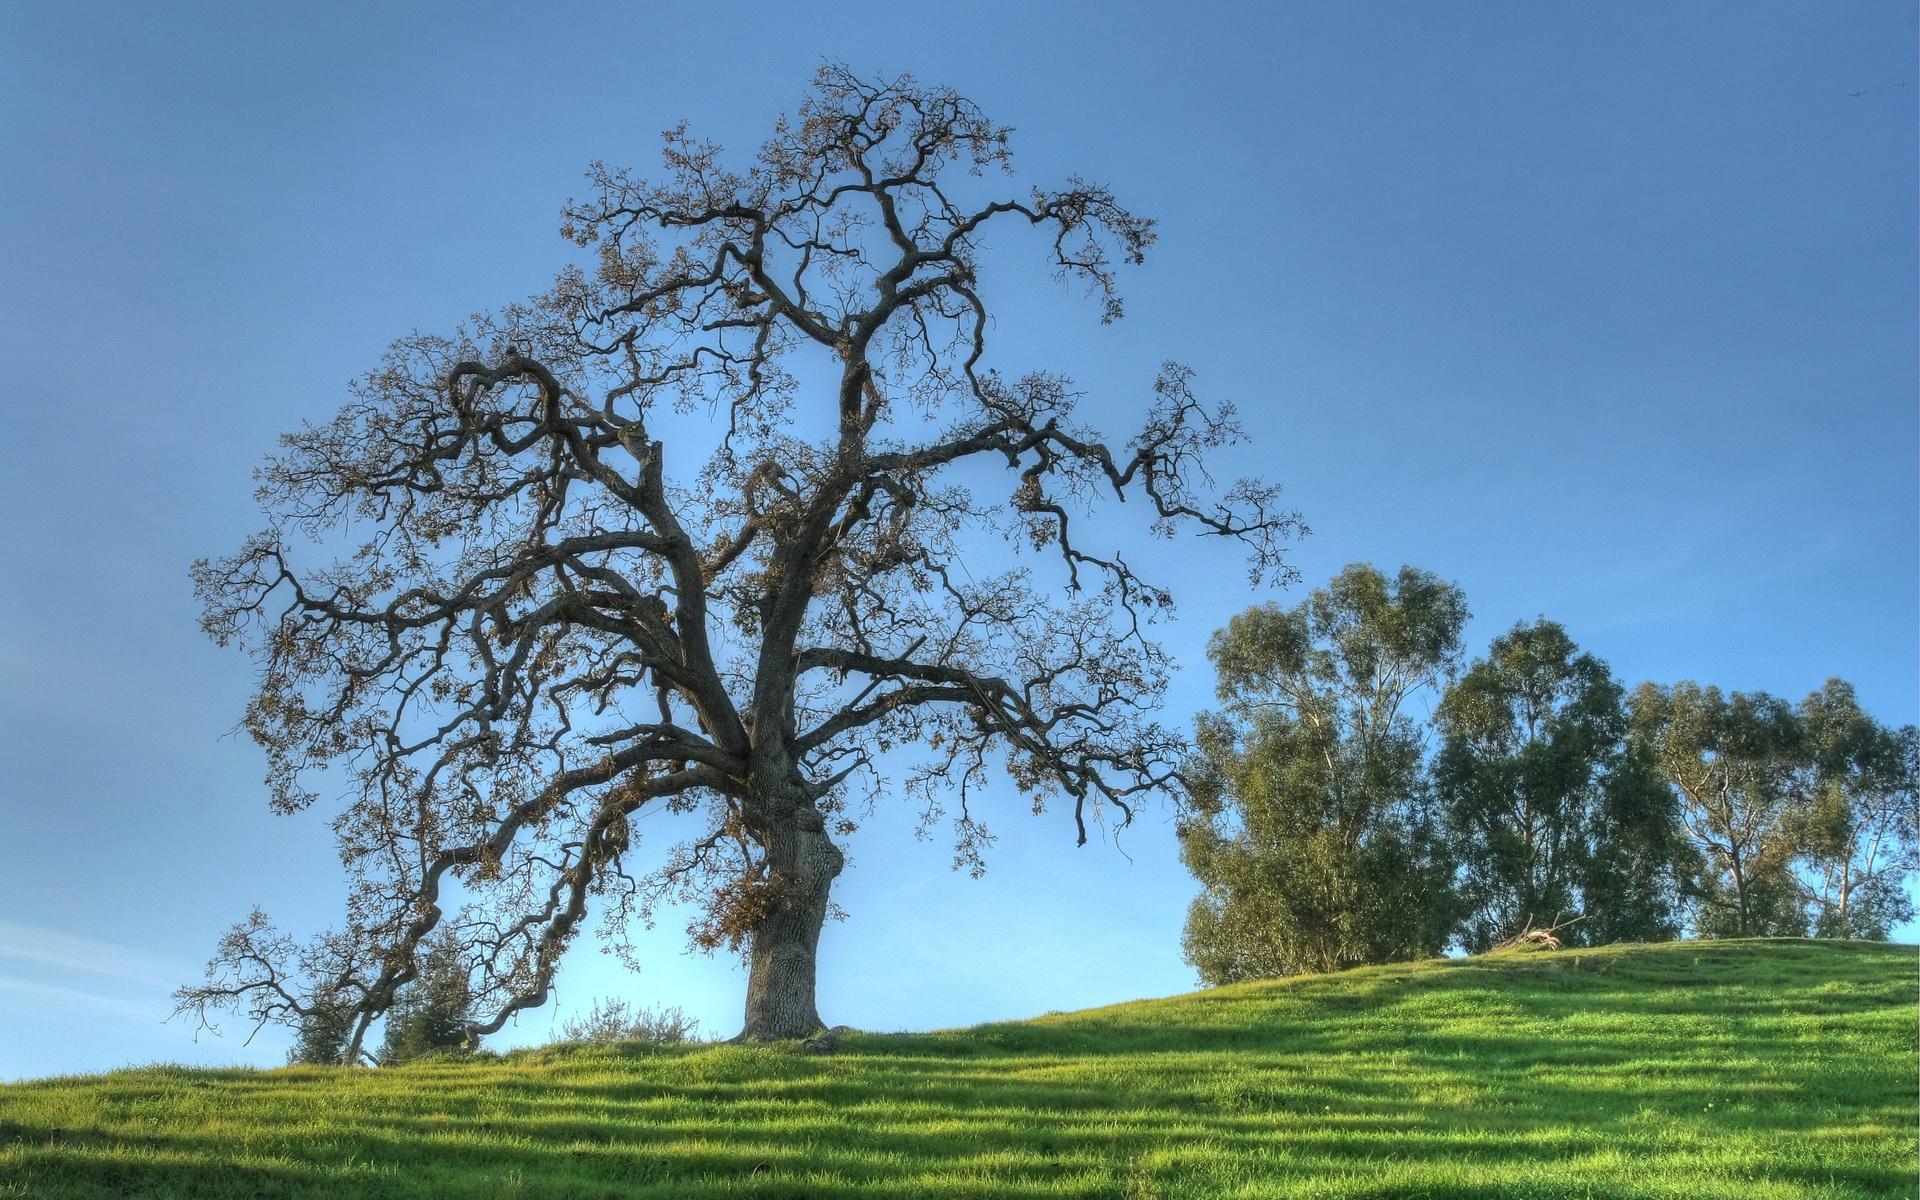 Oak Trees in Winter 1920x1200 Wallpaper 1920x1200